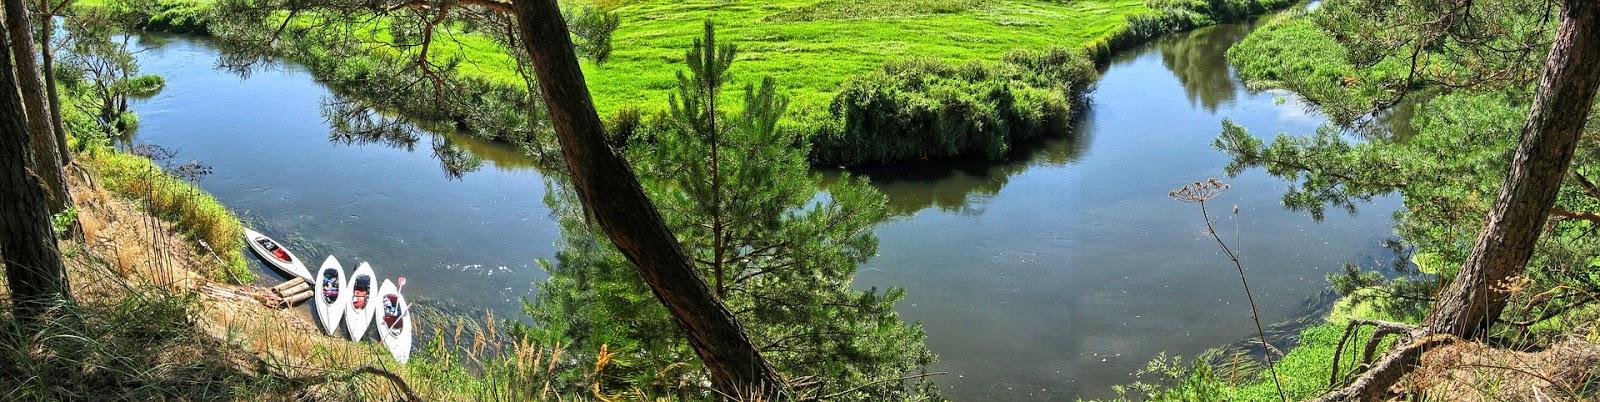 Kompleksowy 6-dniowy spływ kajakowy Czarną Hańczą